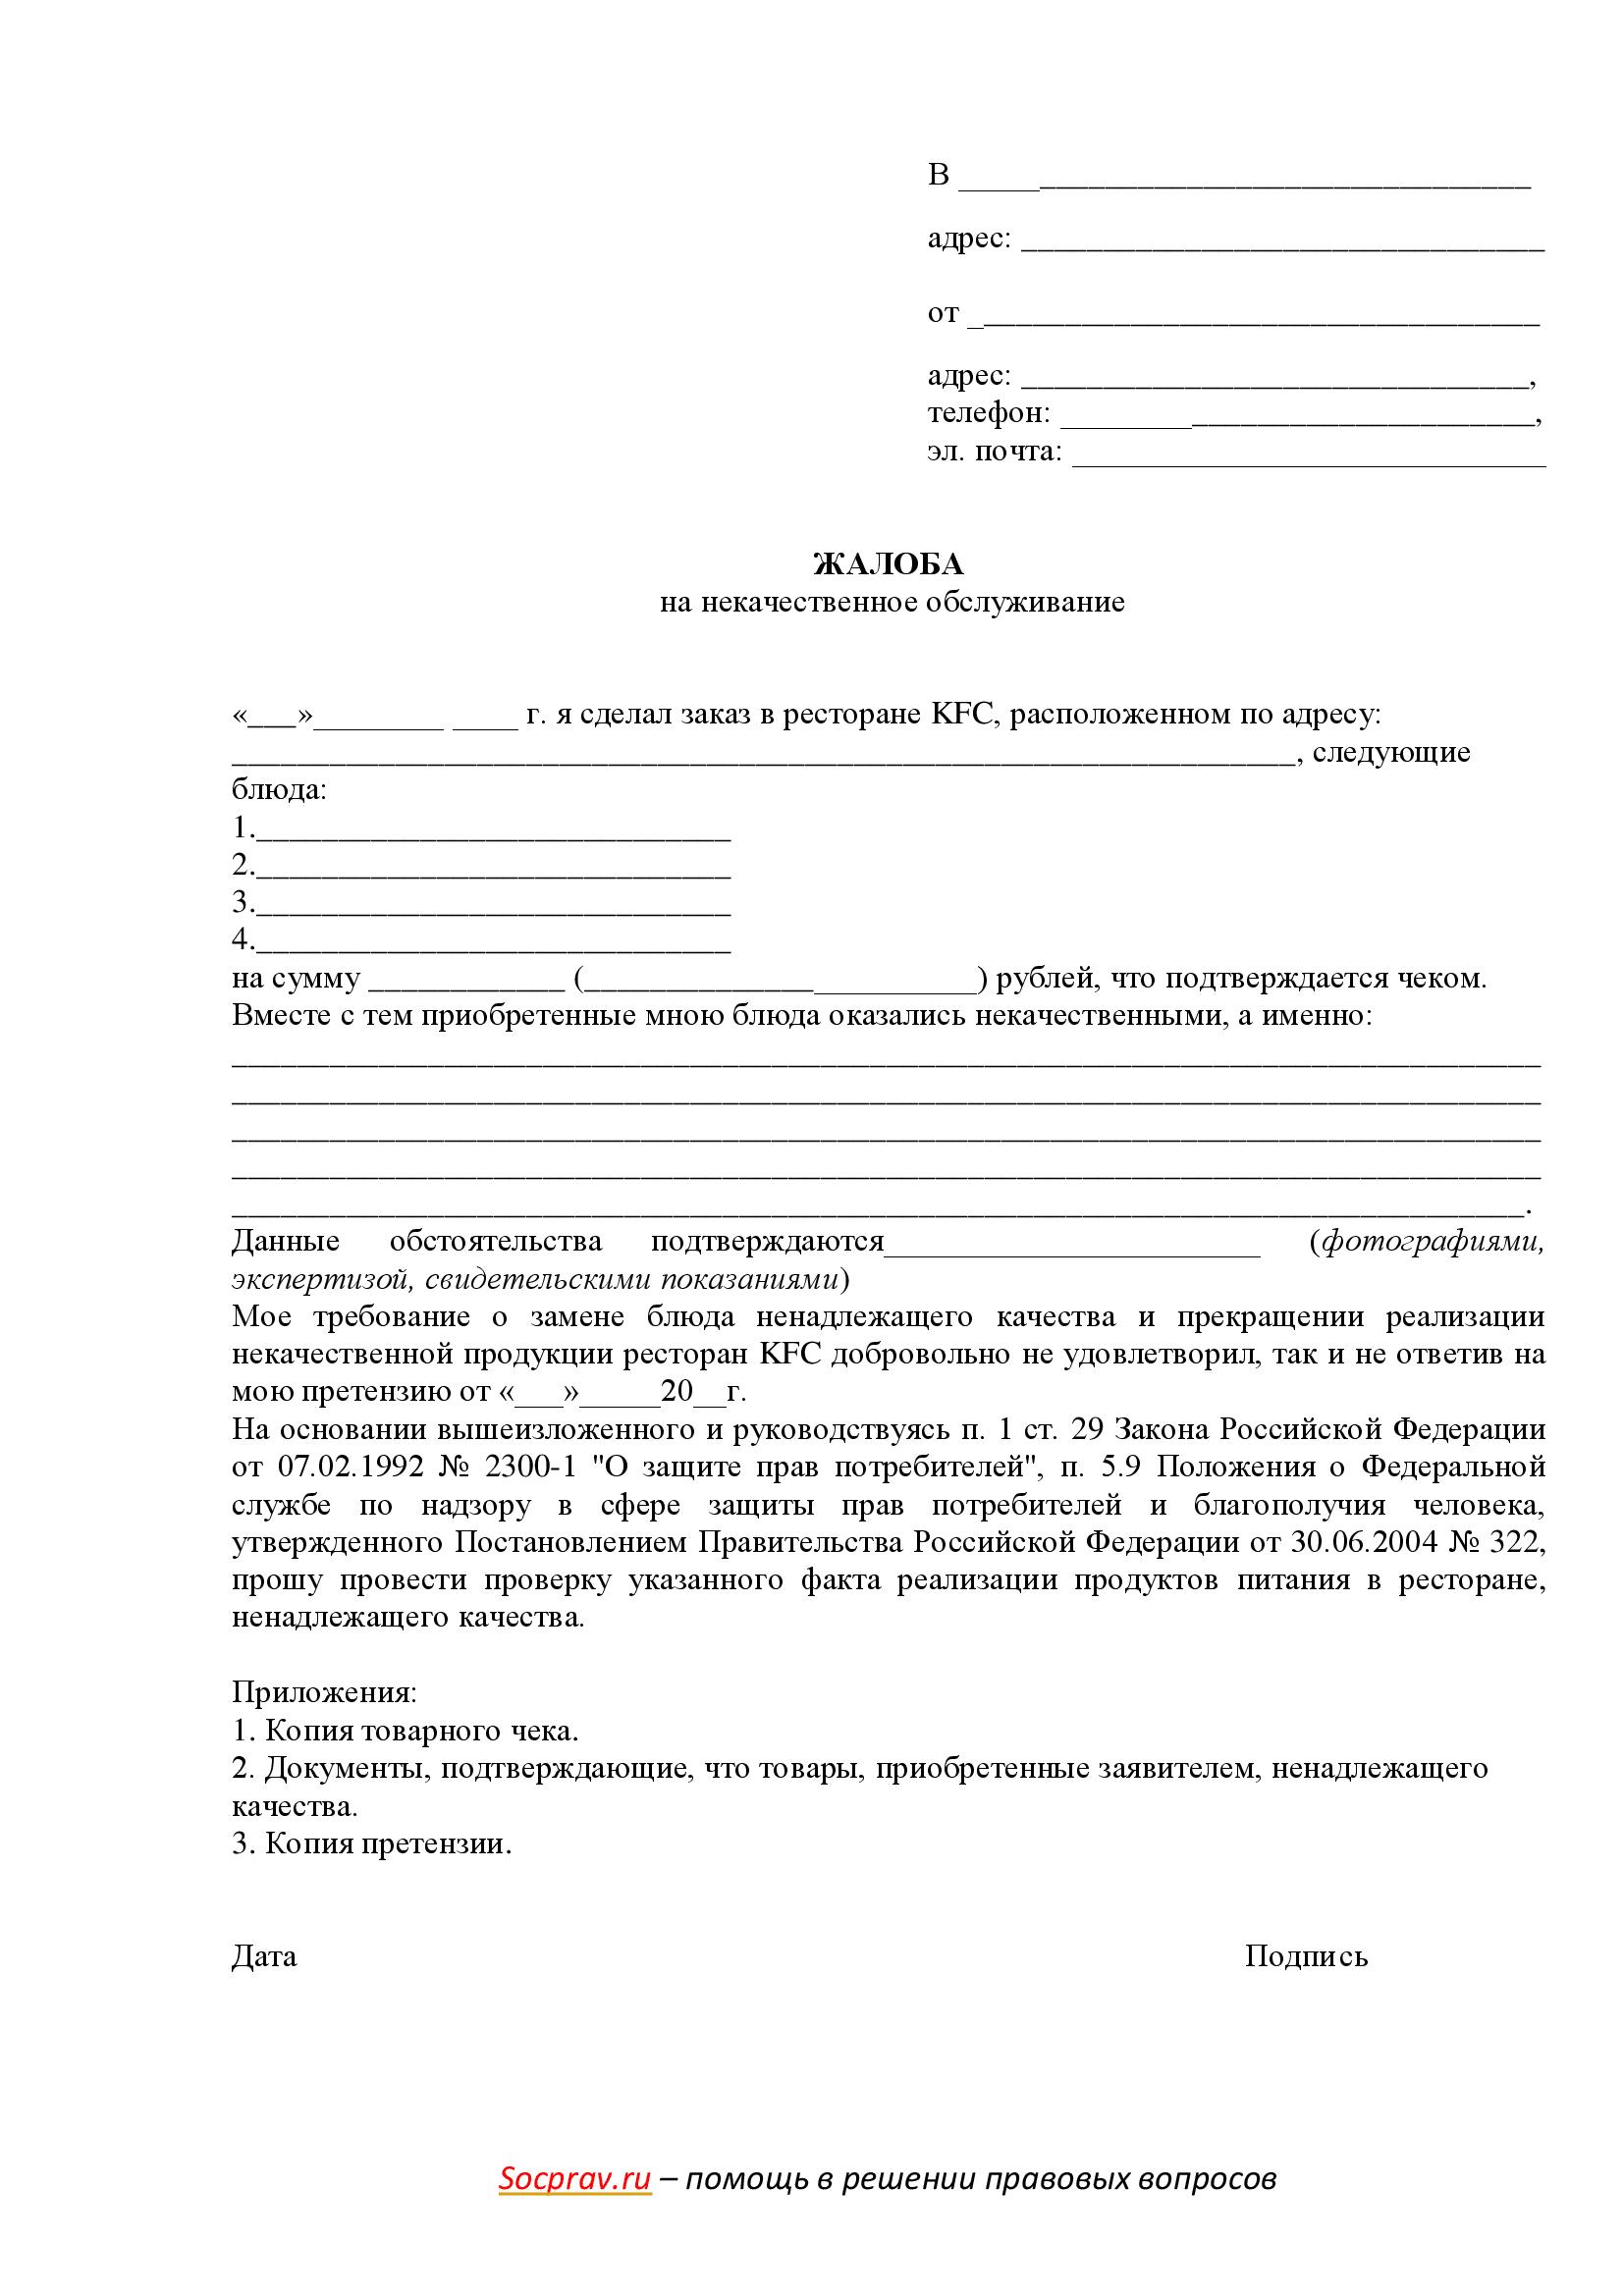 Жалоба в КФС (на некачественное обслуживание)